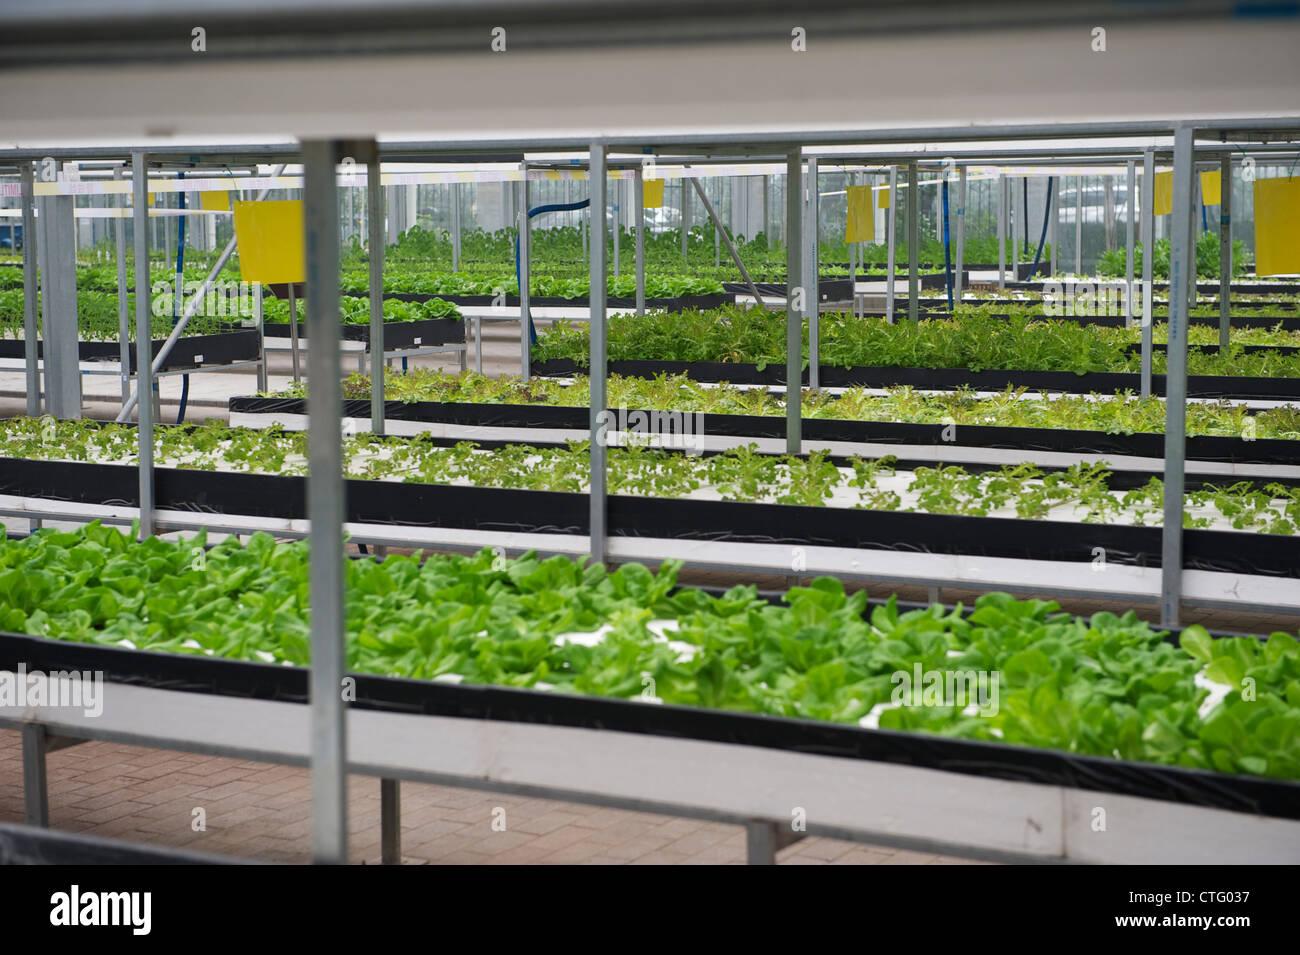 Verdure coltivate con fluido nutriente in Cina. Immagini Stock